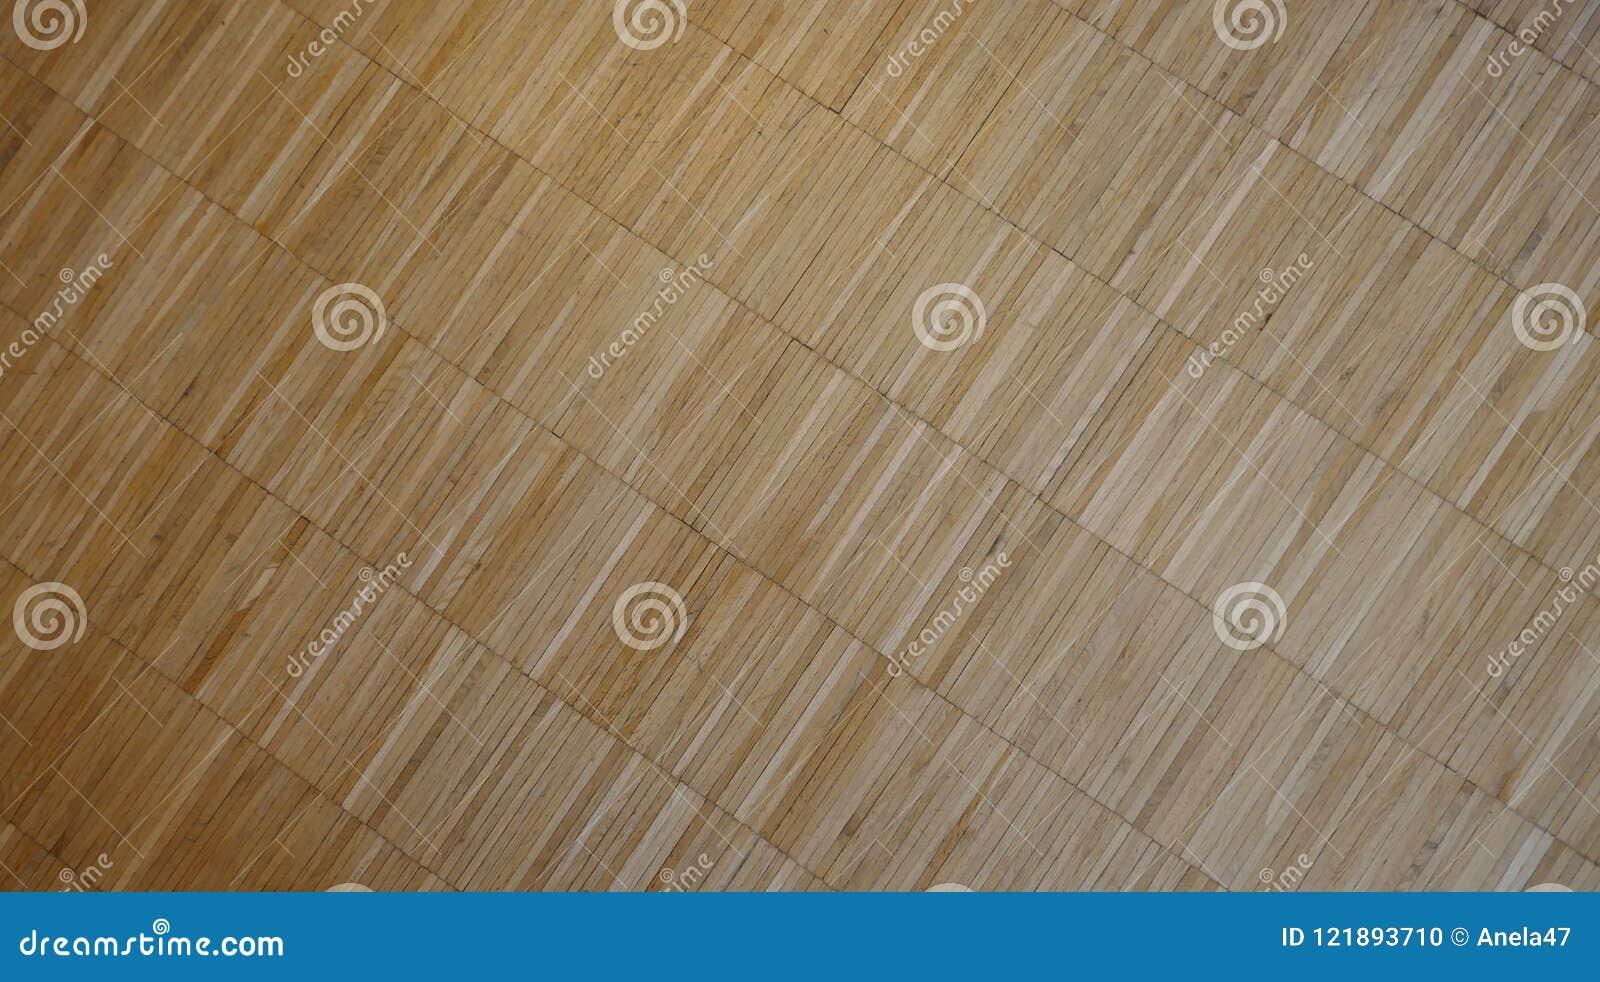 Parquet, revêtement de sol en bois diagonalement étendu